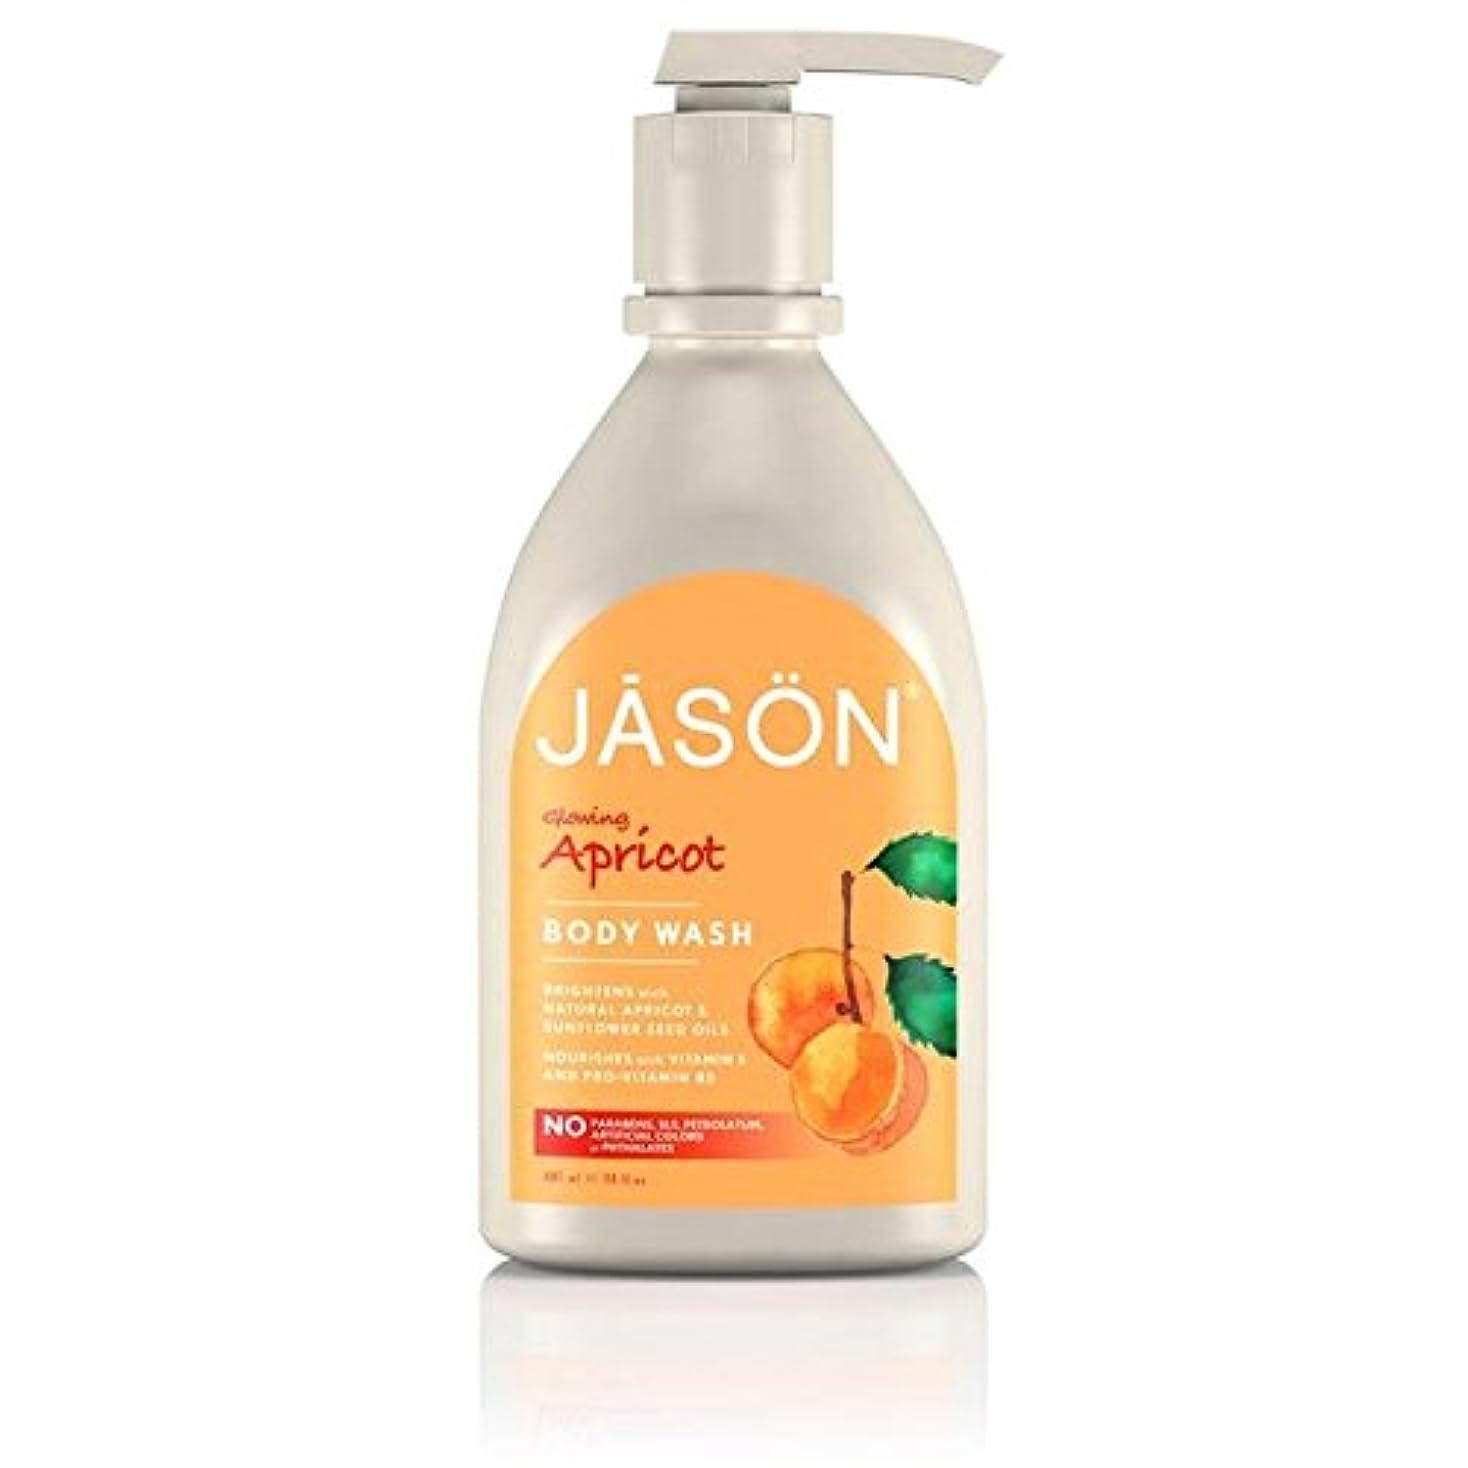 付けるなめるおなかがすいたジェイソン?アプリコットサテンボディウォッシュポンプ900ミリリットル x2 - Jason Apricot Satin Body Wash Pump 900ml (Pack of 2) [並行輸入品]